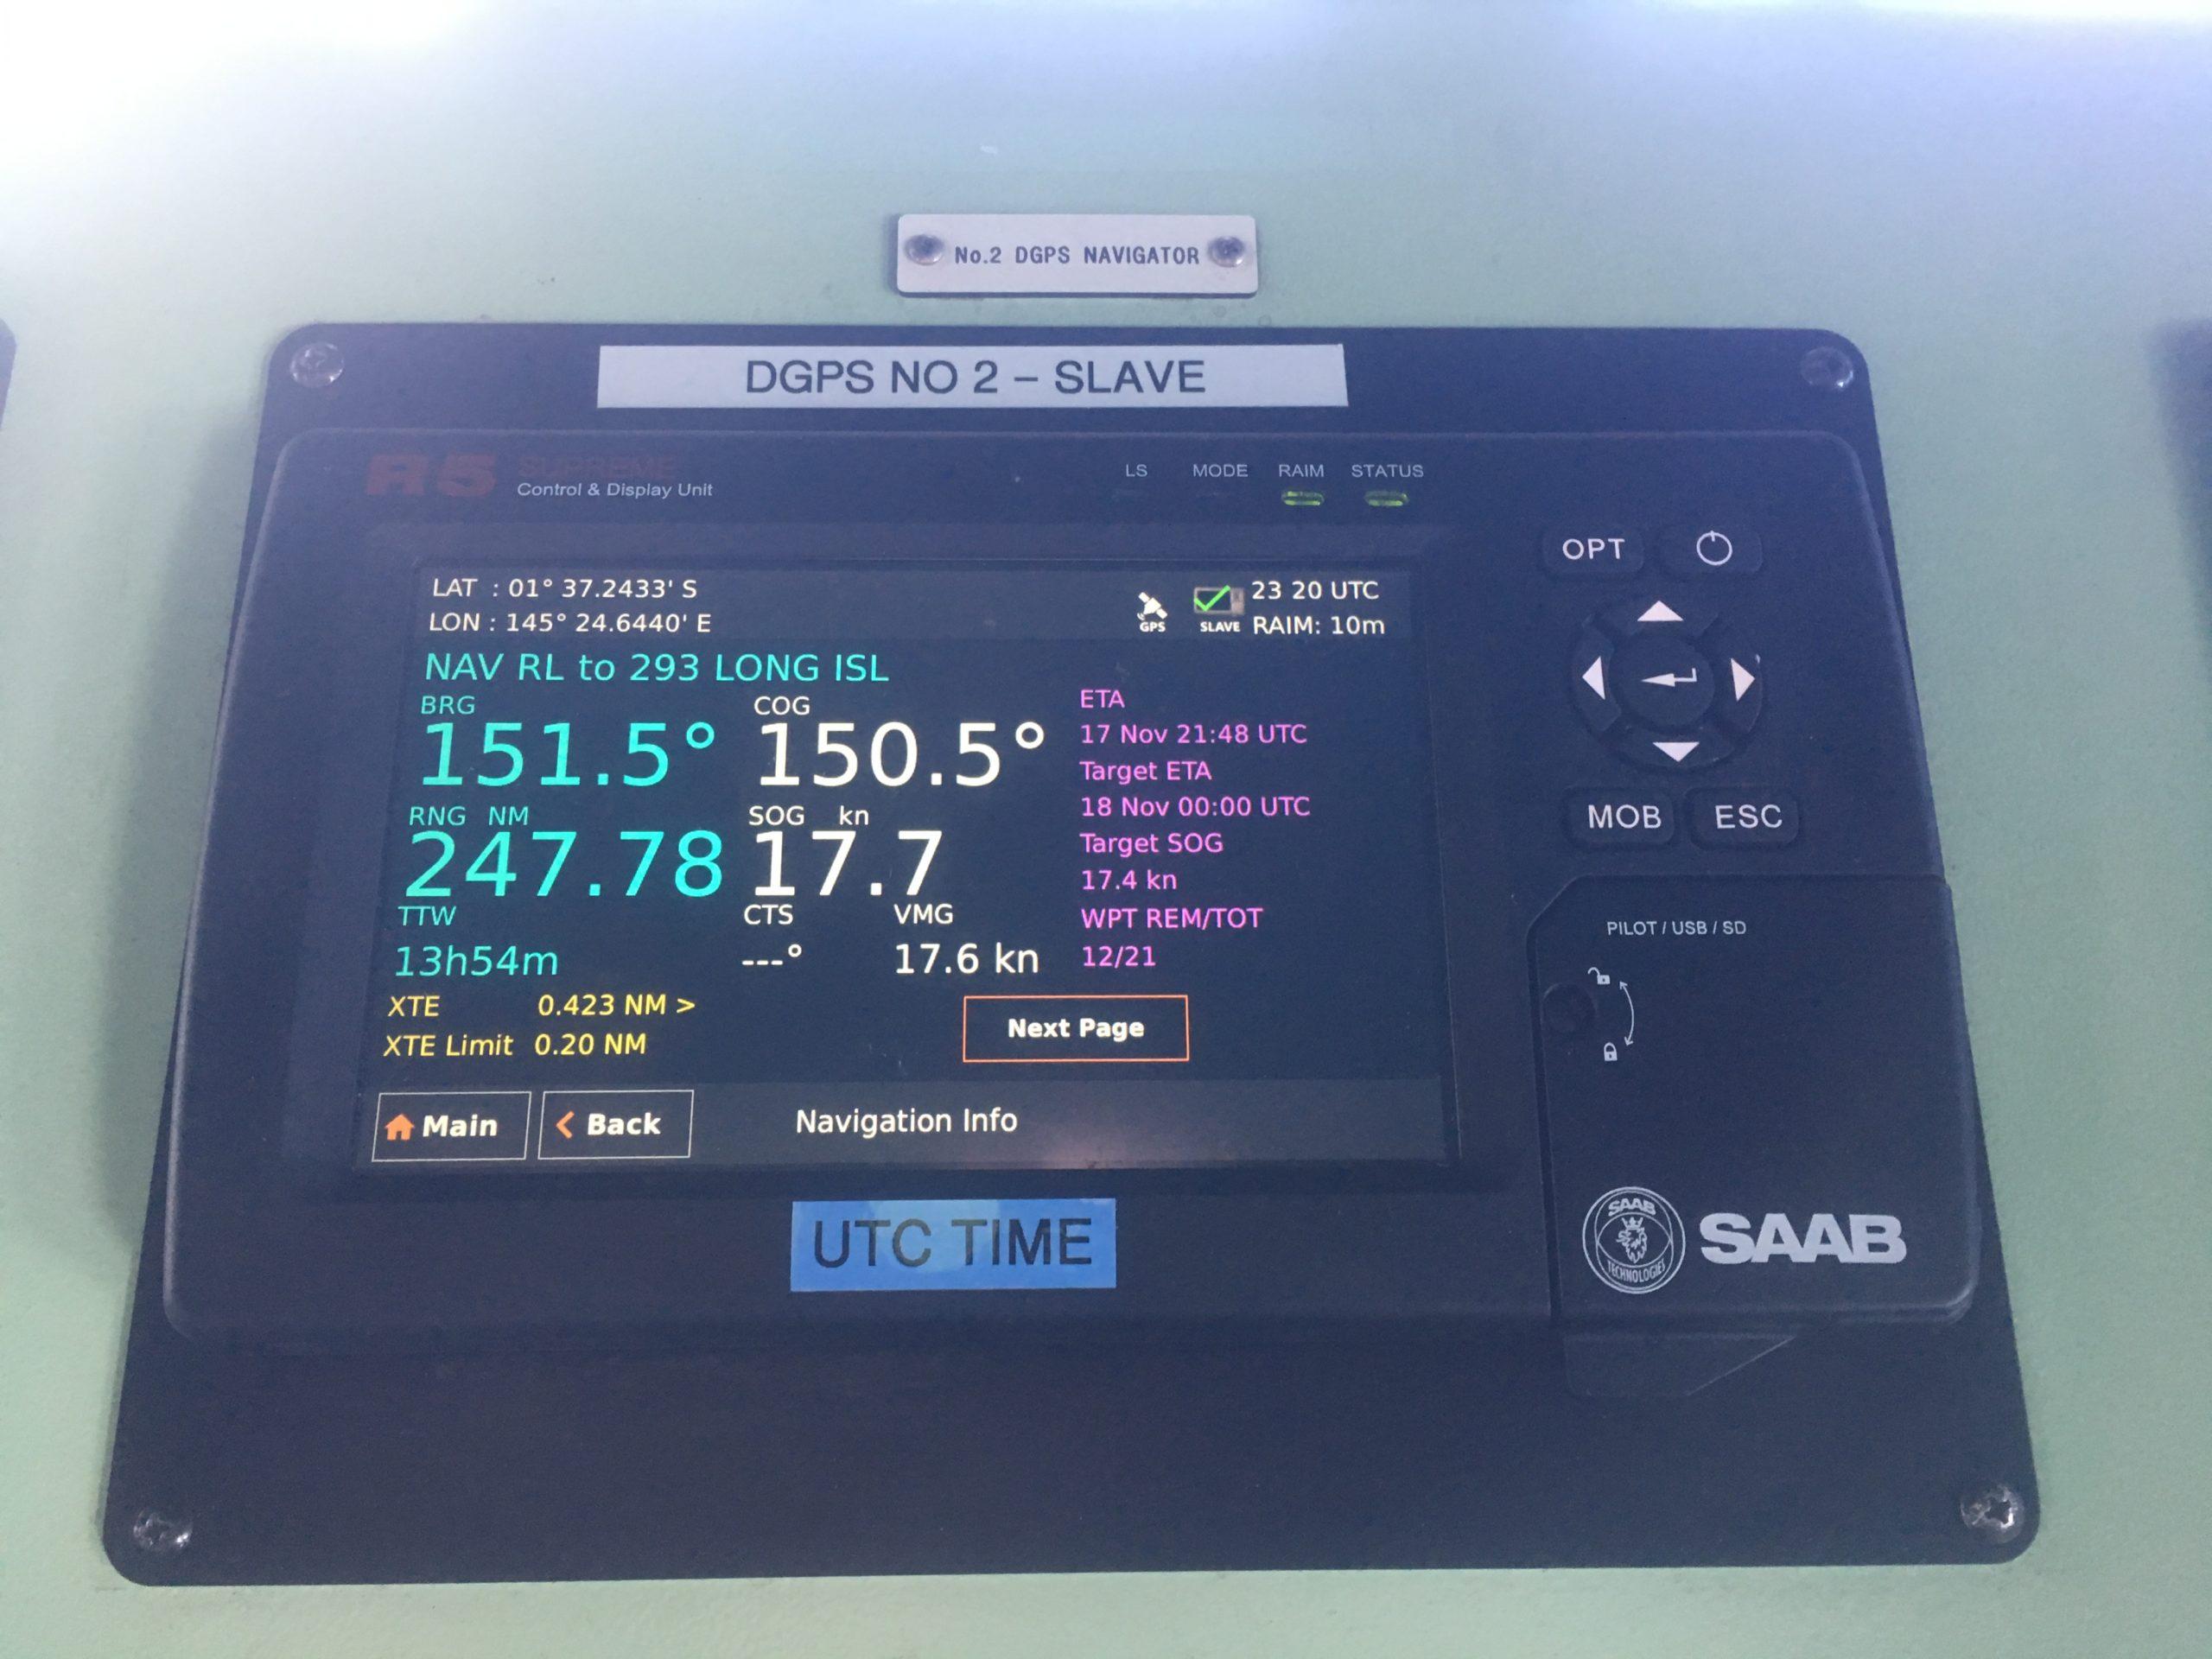 CC Coral at 17.7 knots